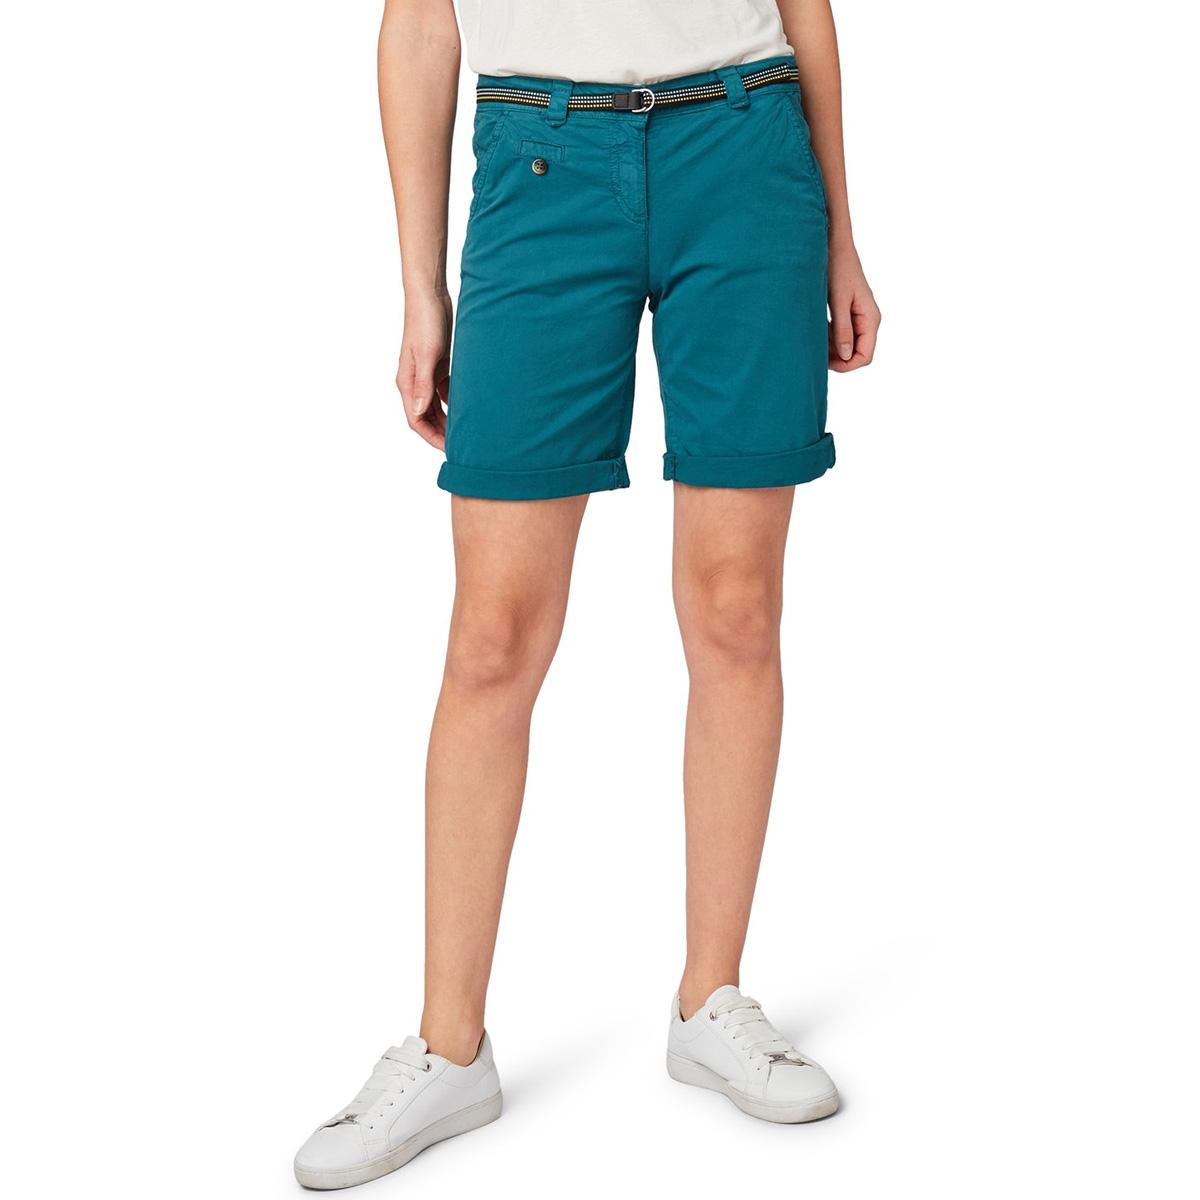 chino bermuda shorts 1011151xx70 tom tailor korte broek 11011